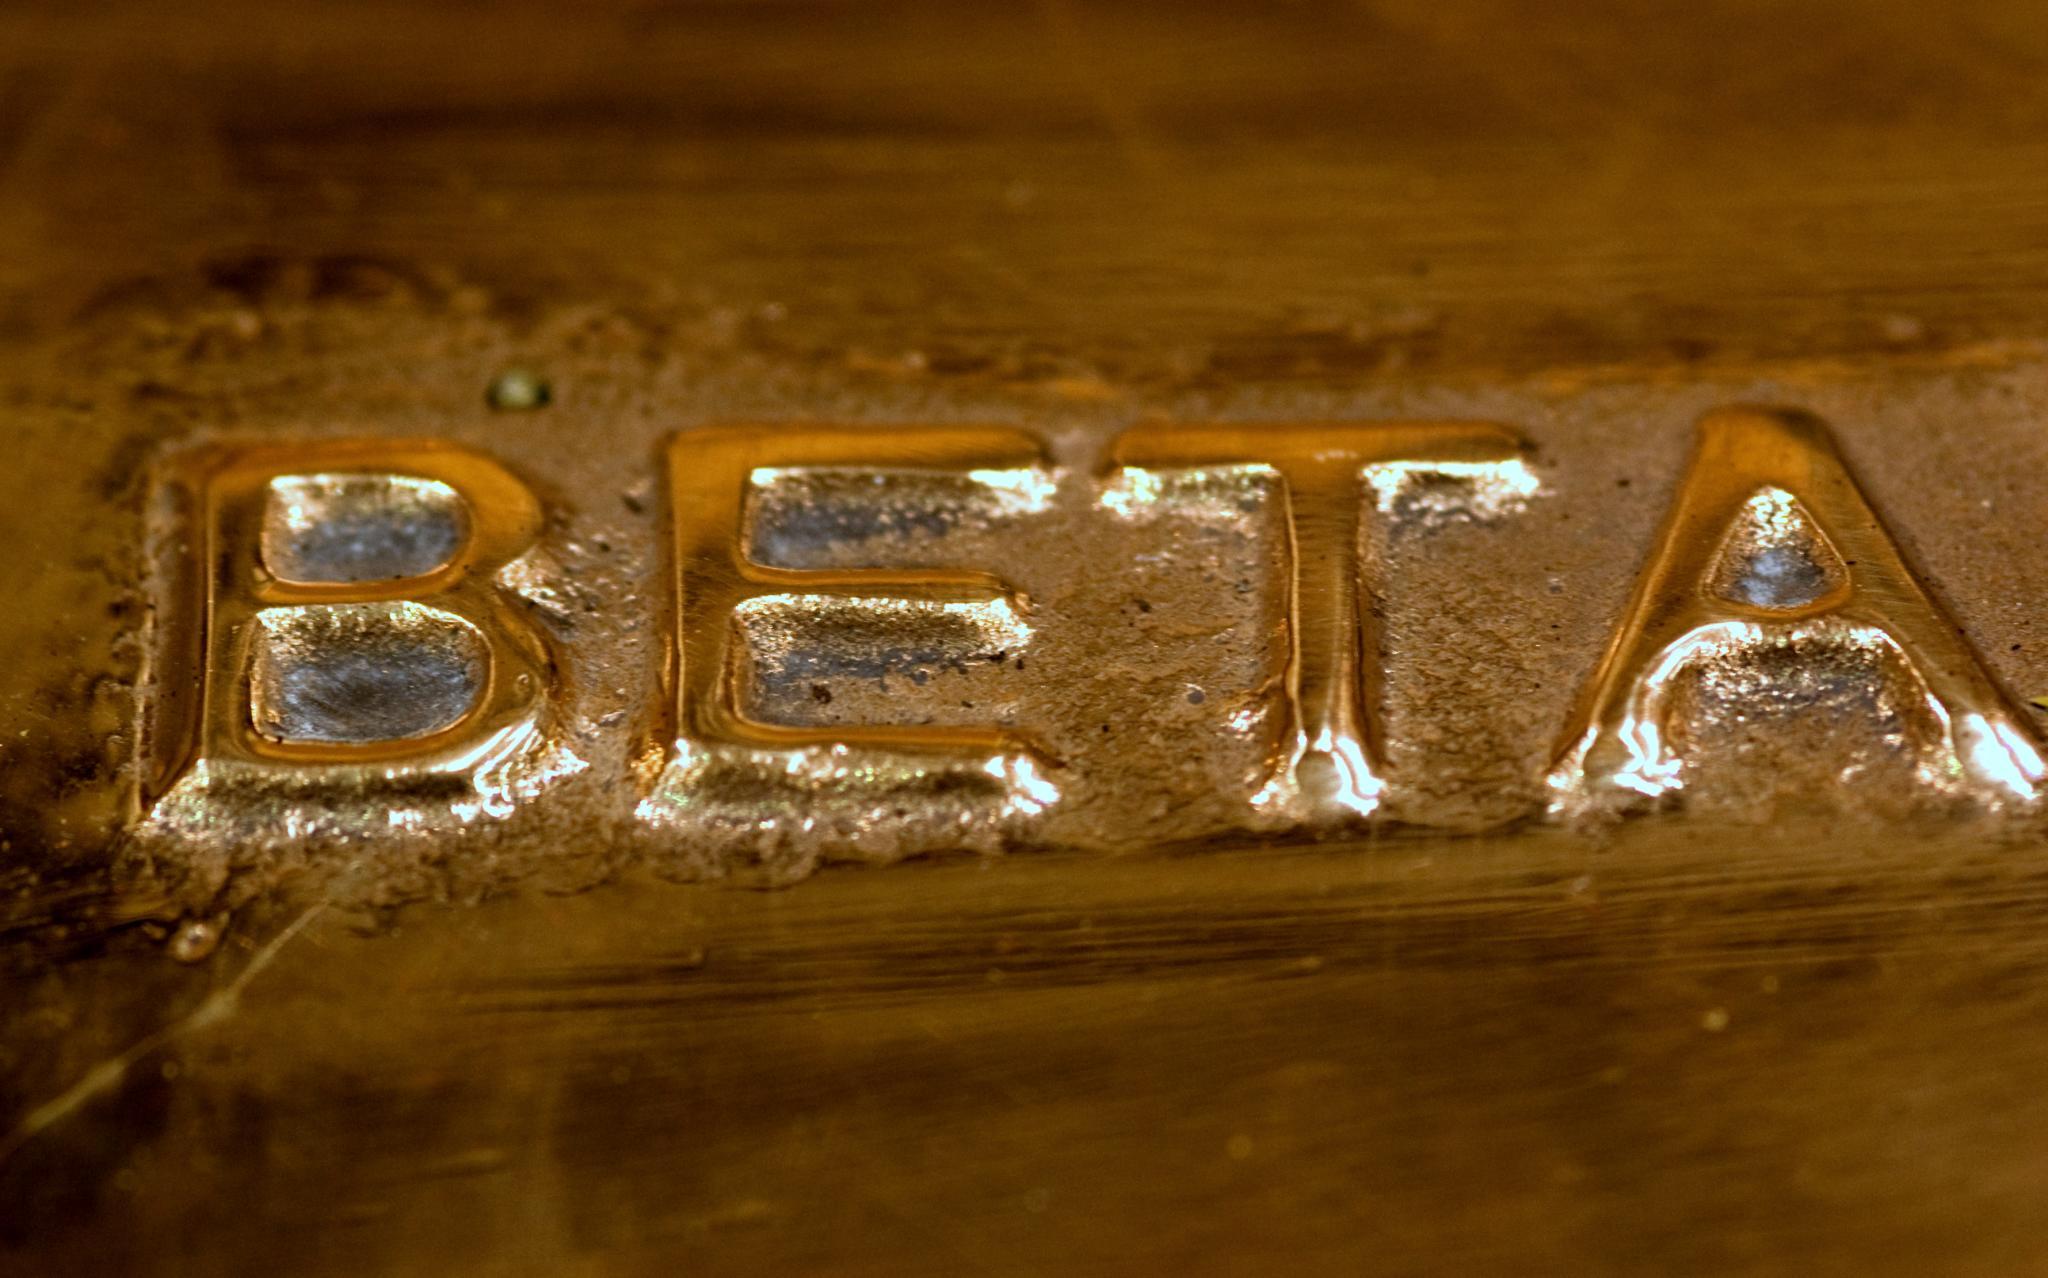 beta--gillie rhodes